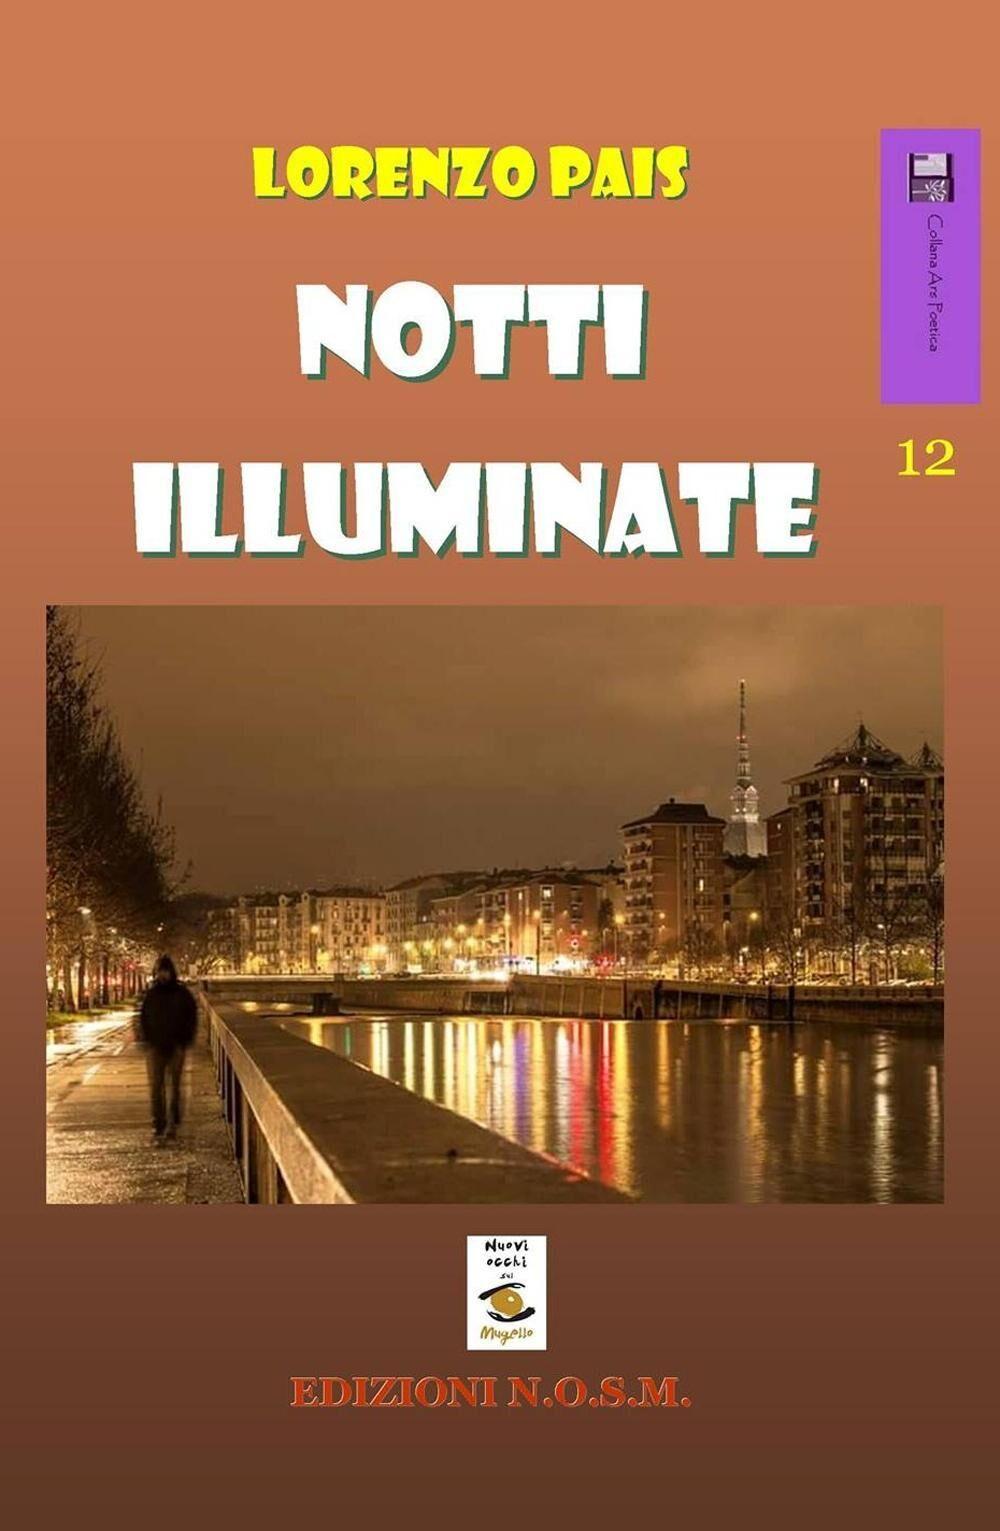 Notti illuminate